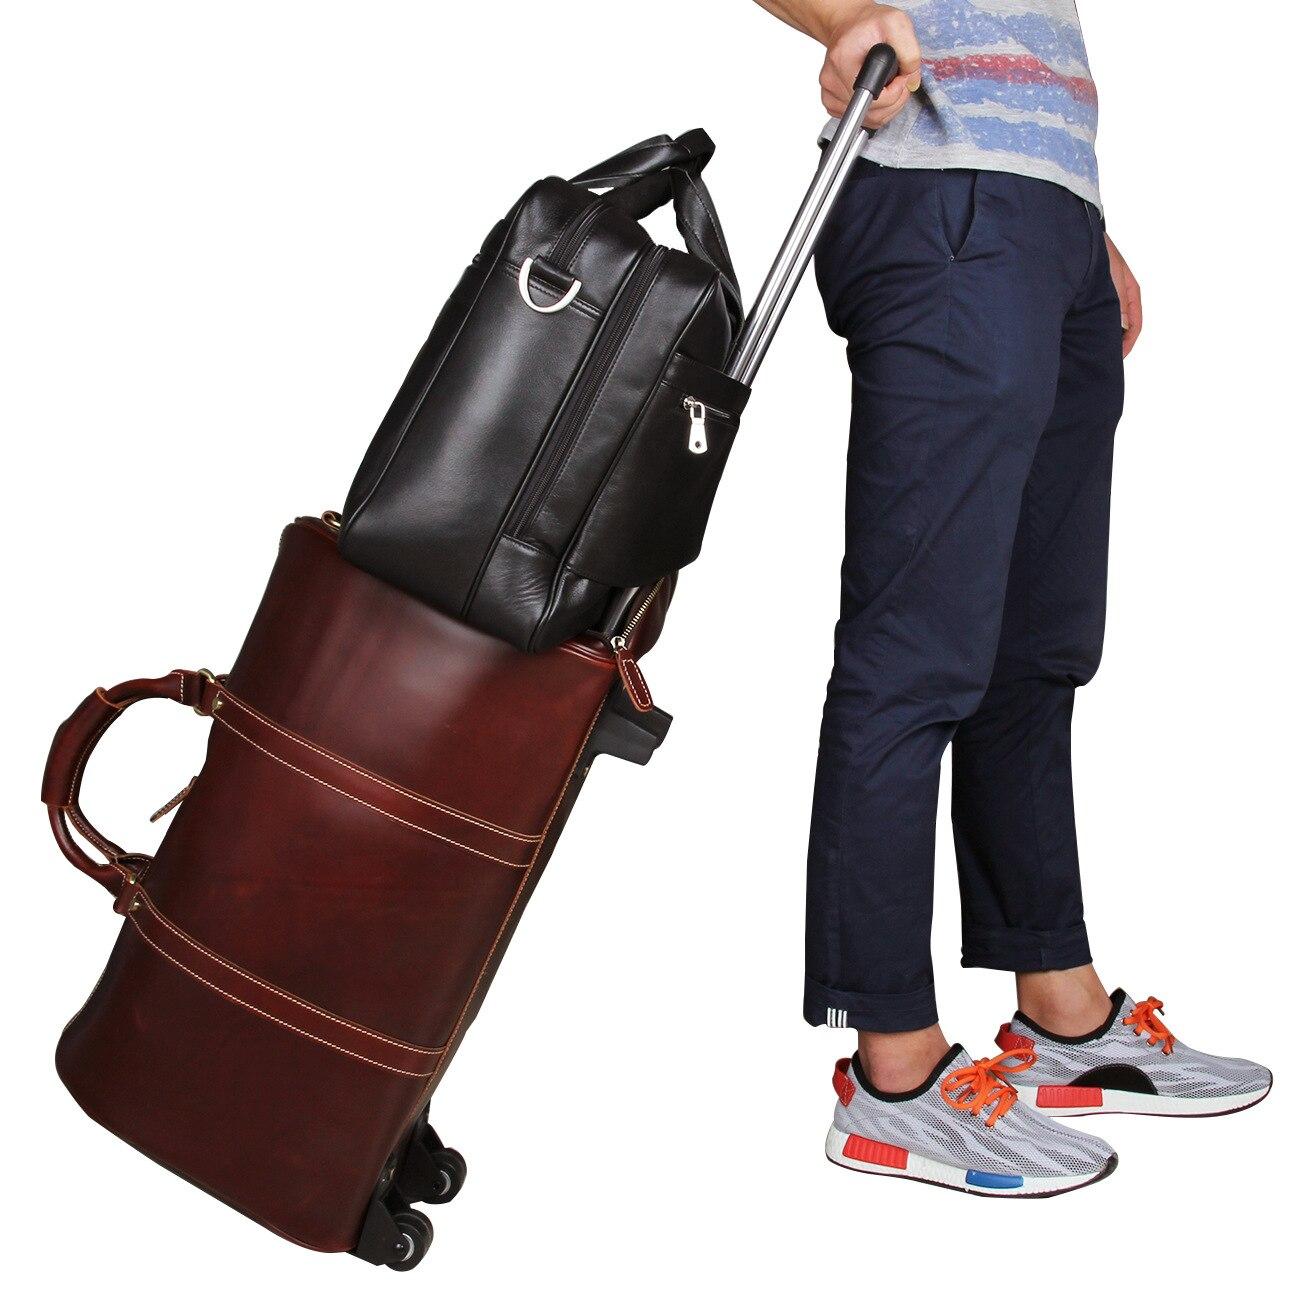 Business Schulter Echtem Laptop Reisetaschen Handtasche Mode Umhängetasche Männer Coole Computer Schwarzes Tasche Aktentasche Leder xw4Ev1